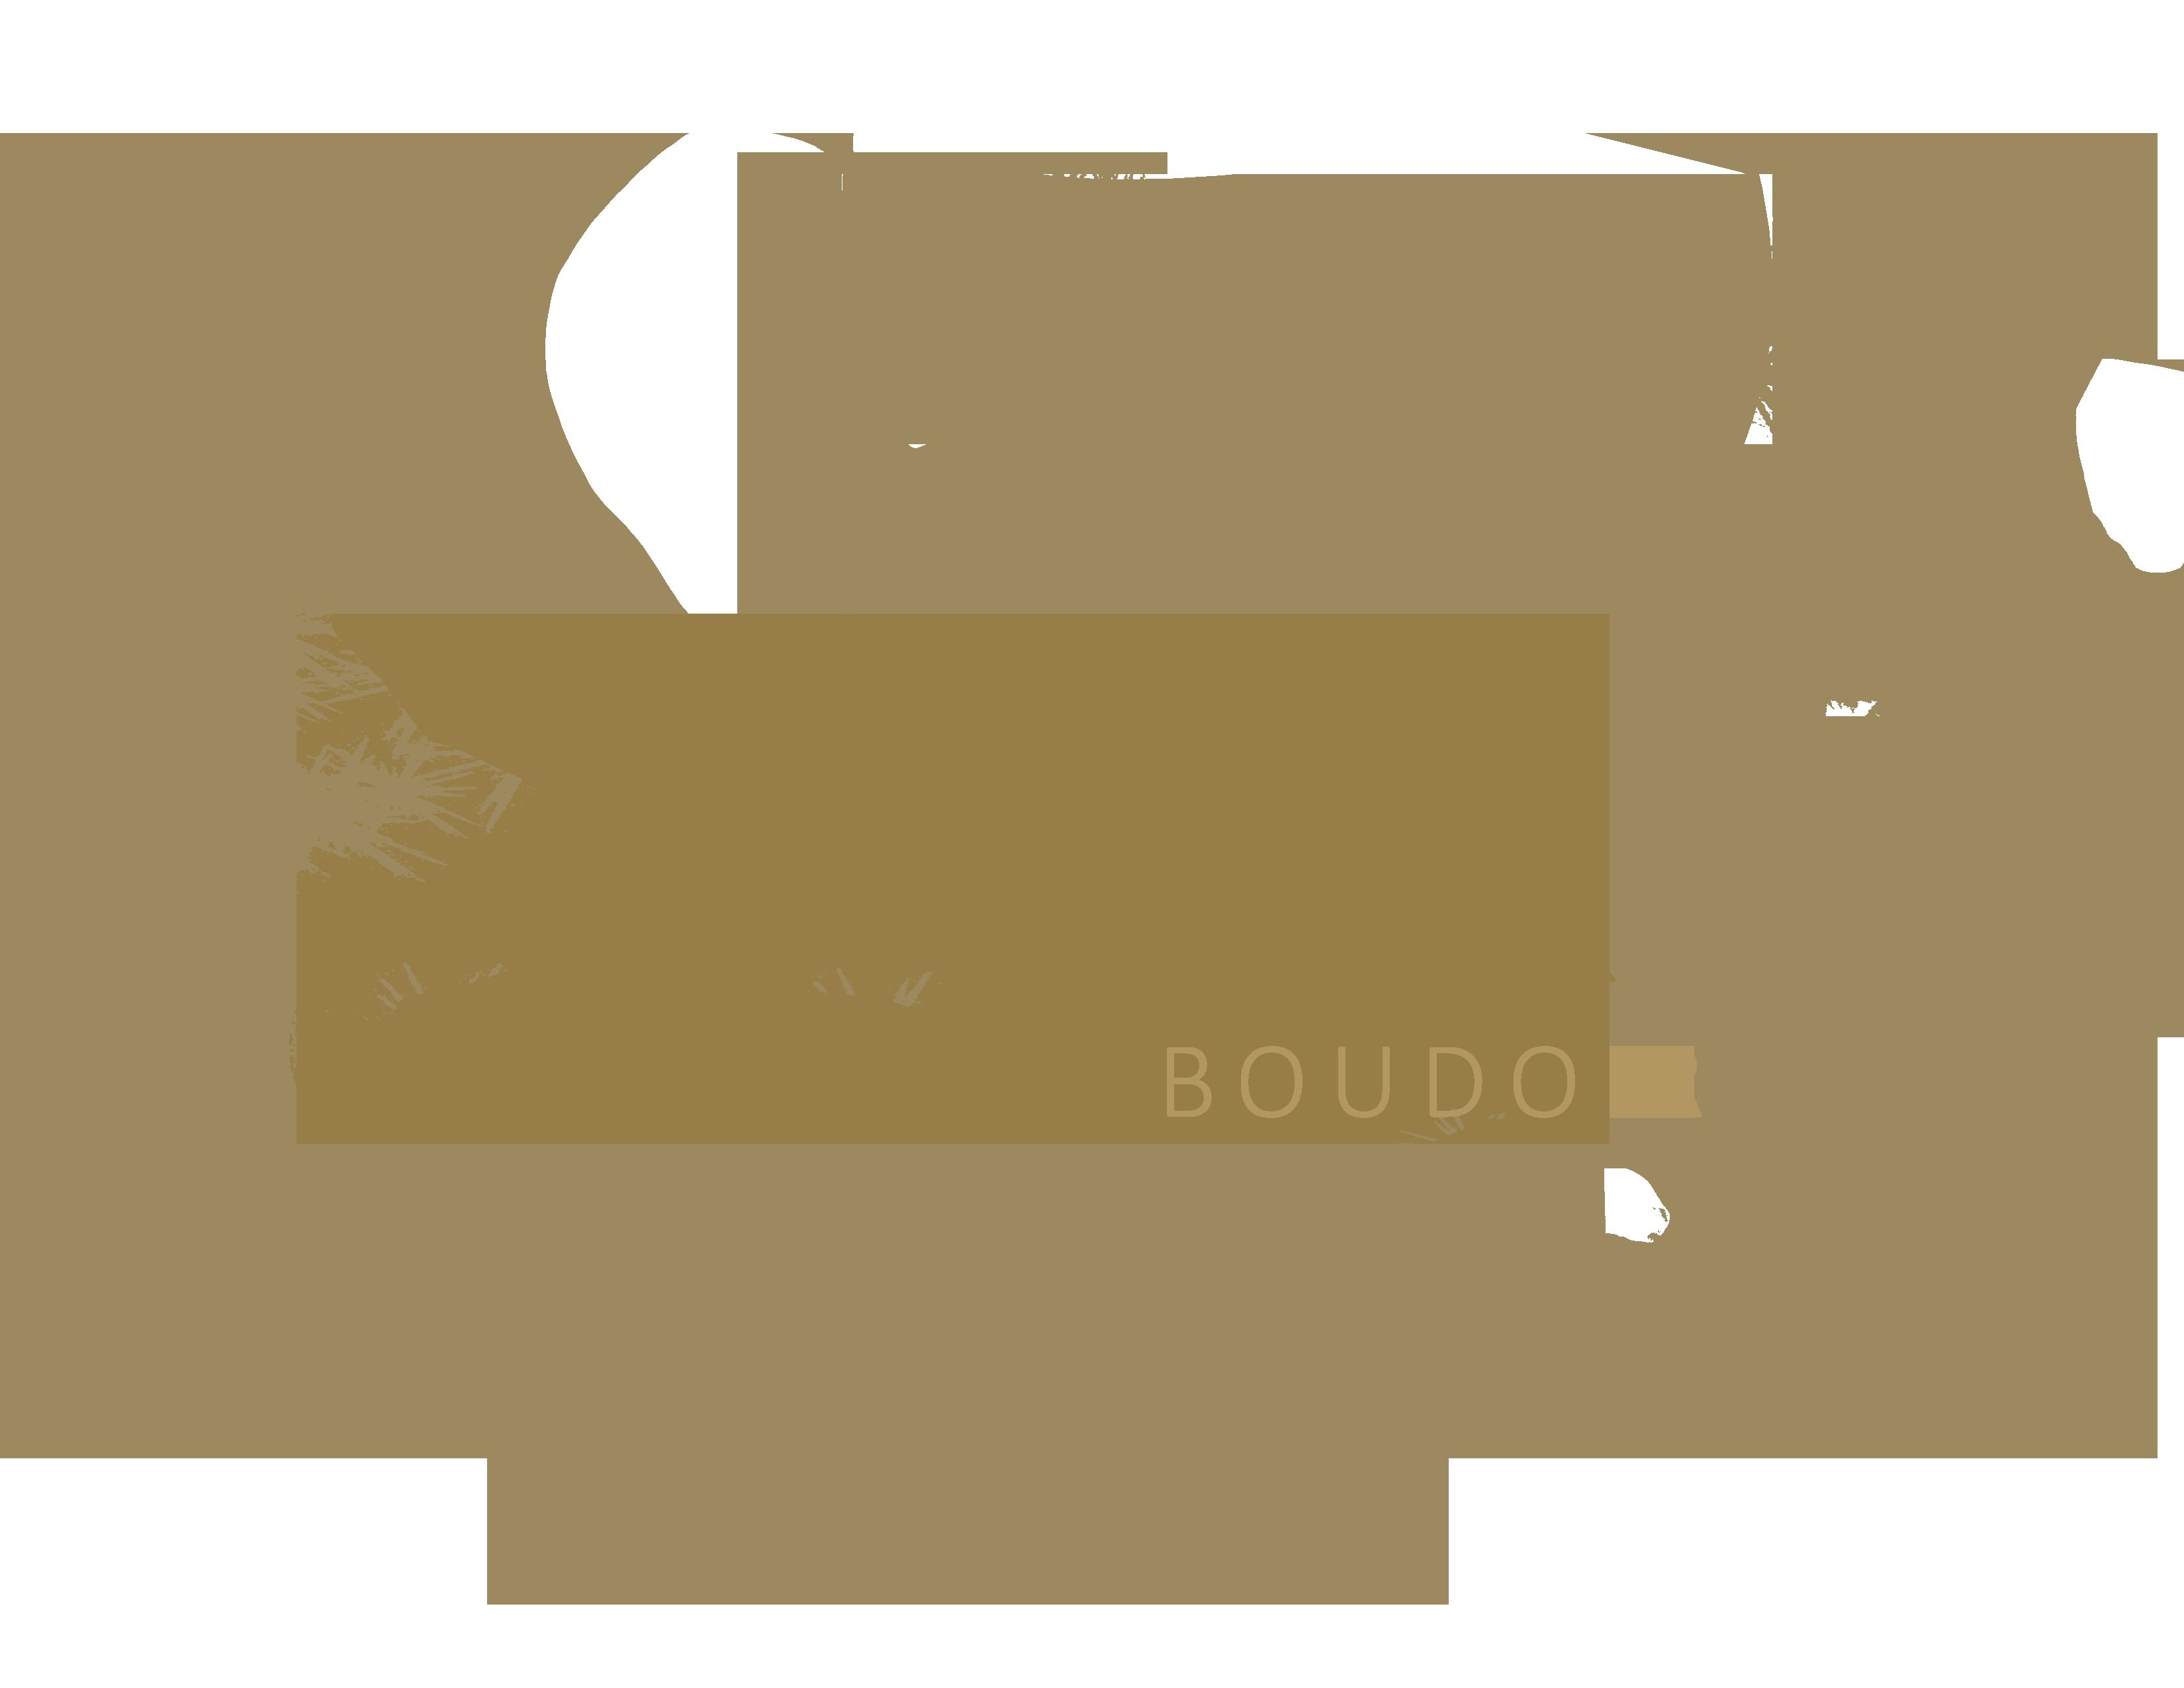 Spellbound Boudoir